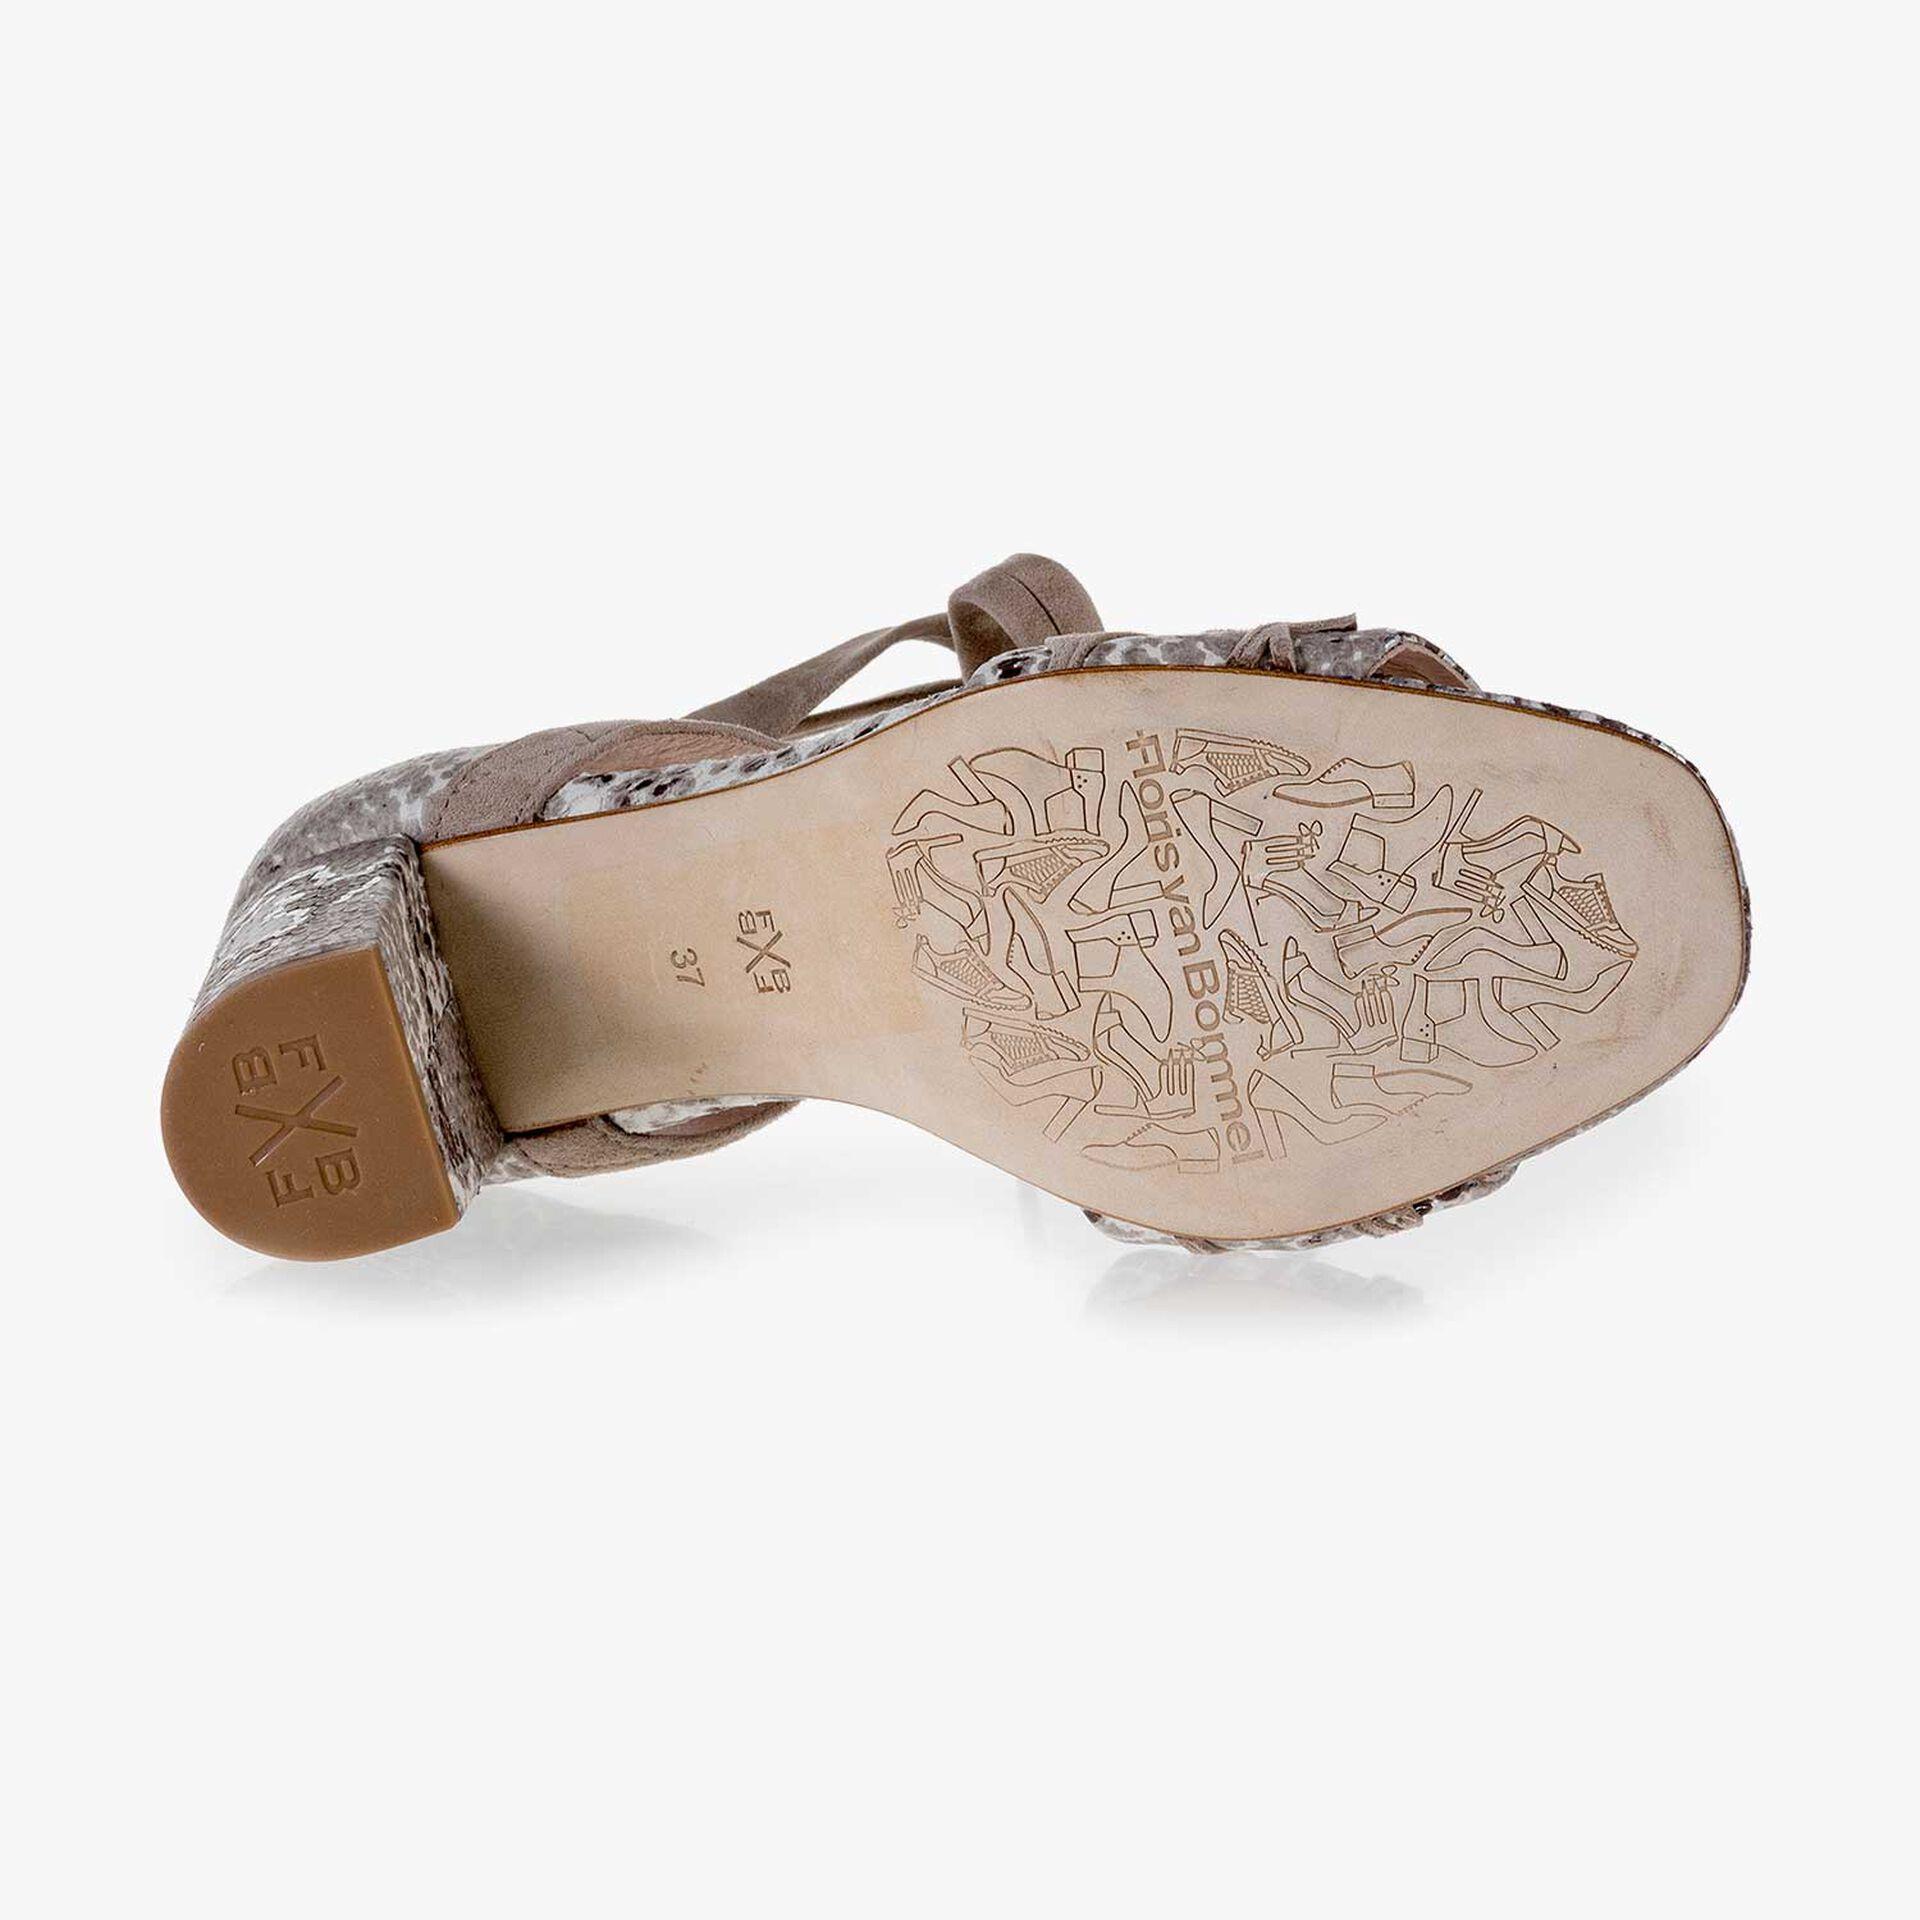 Taupefarbene Wildleder Sandale mit Schlangenprint